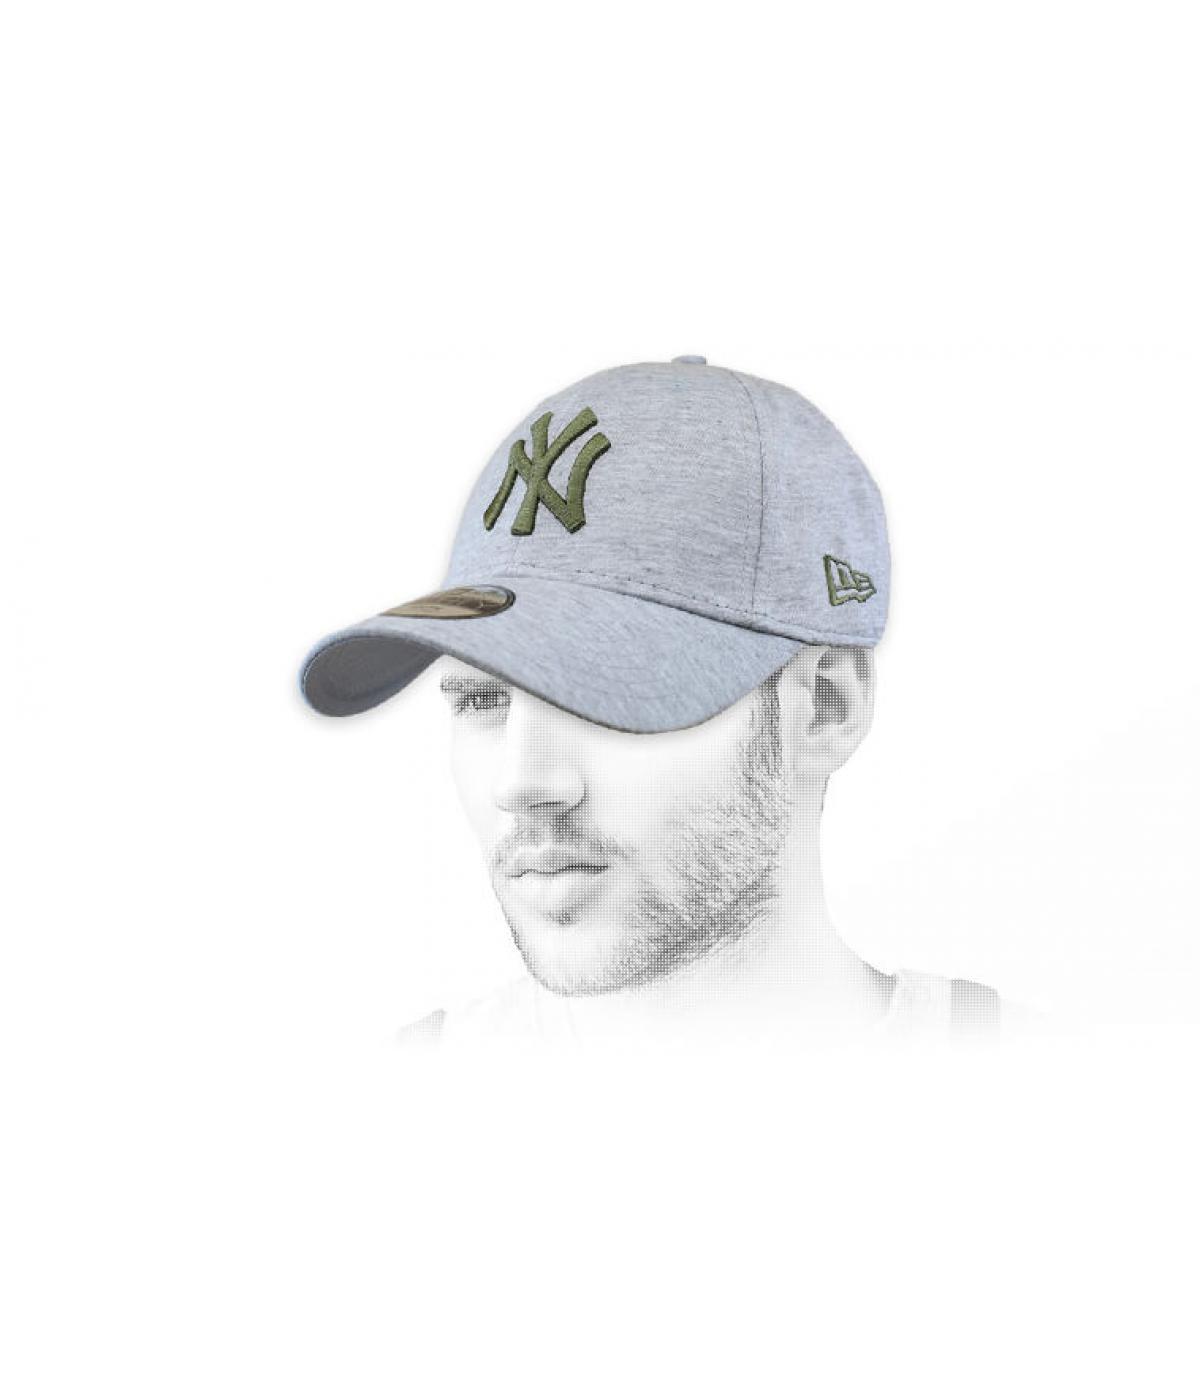 gorra NY gris verde